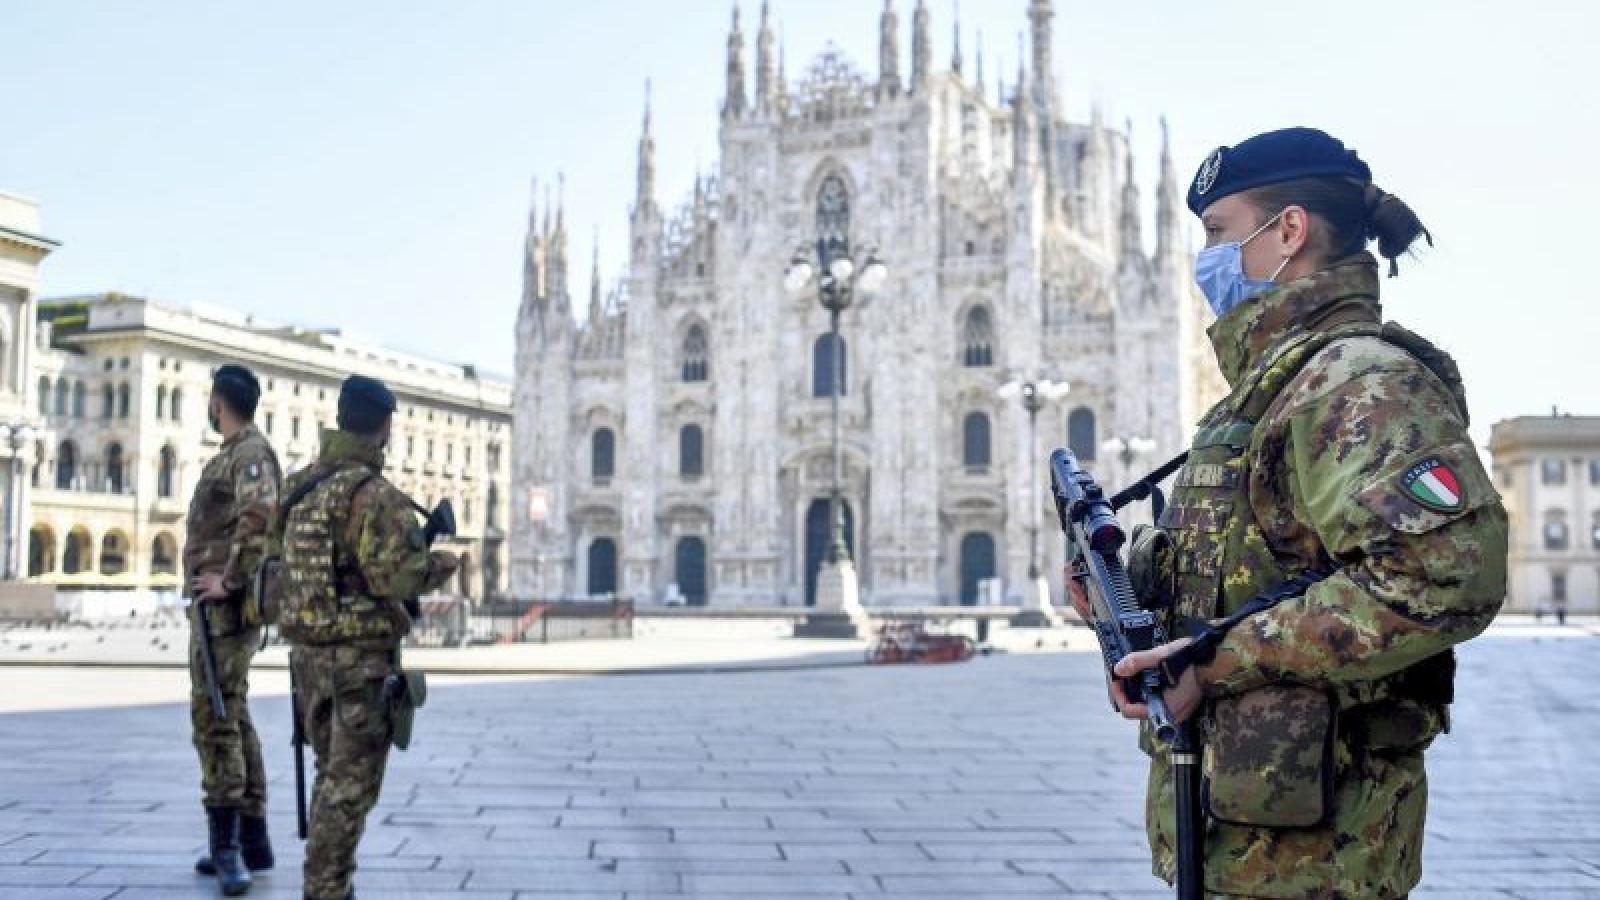 Covid-19 đã bắt đầu tại Italy từ tháng 1/2020 hoặc thậm chí sớm hơn